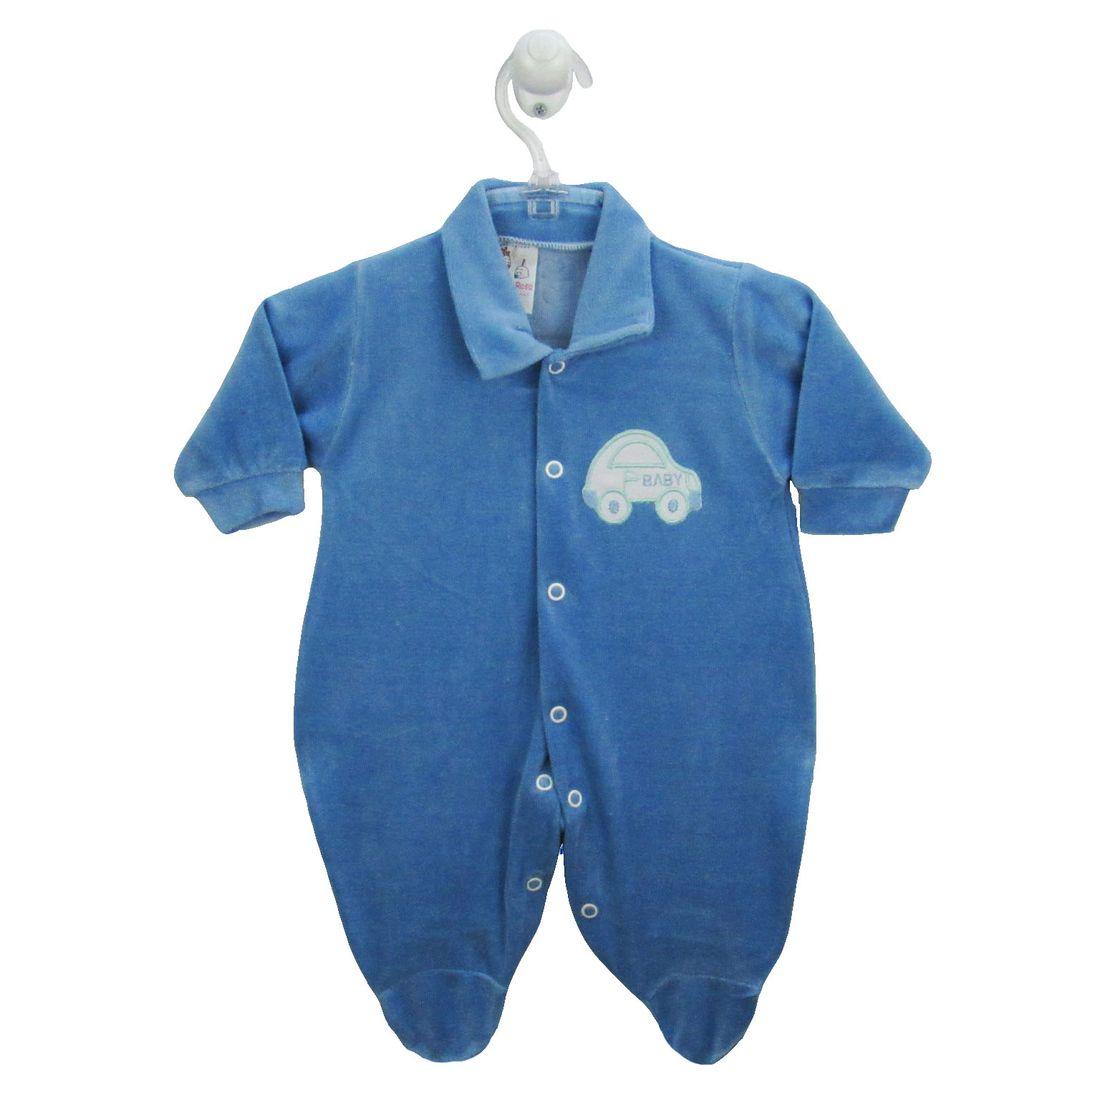 Macacão Bebê Masculino Longo Plush Bordado Azul Claro Carrinho ... 38ab4ccbe7d